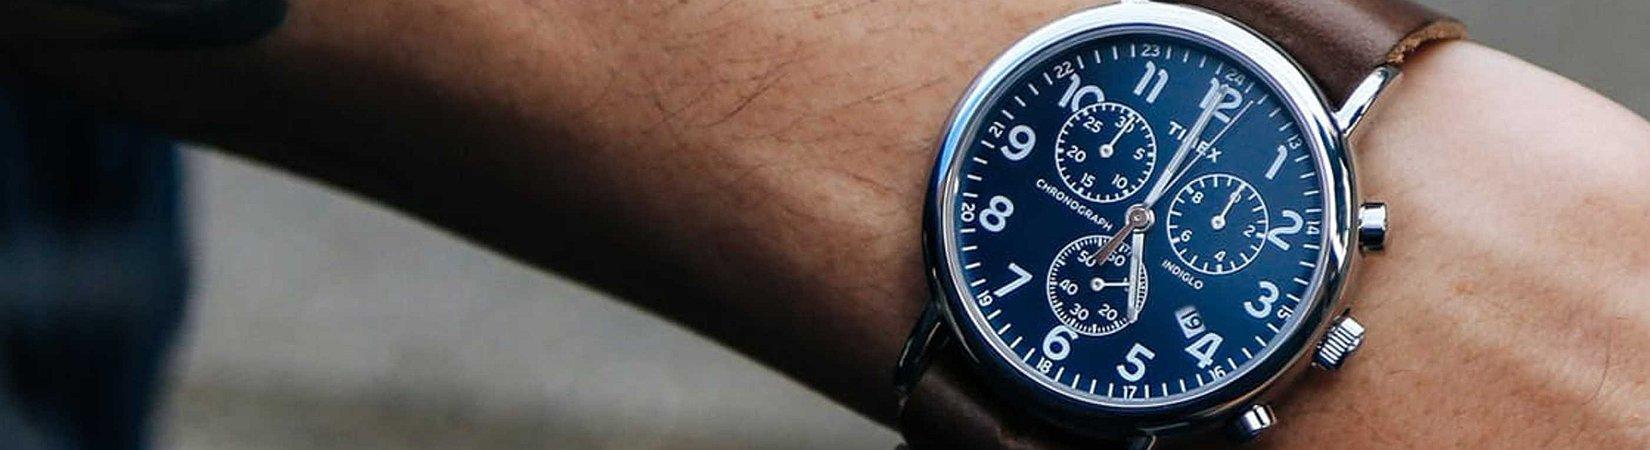 Estilo a un precio razonable: Los mejores relojes por menos de 300 $